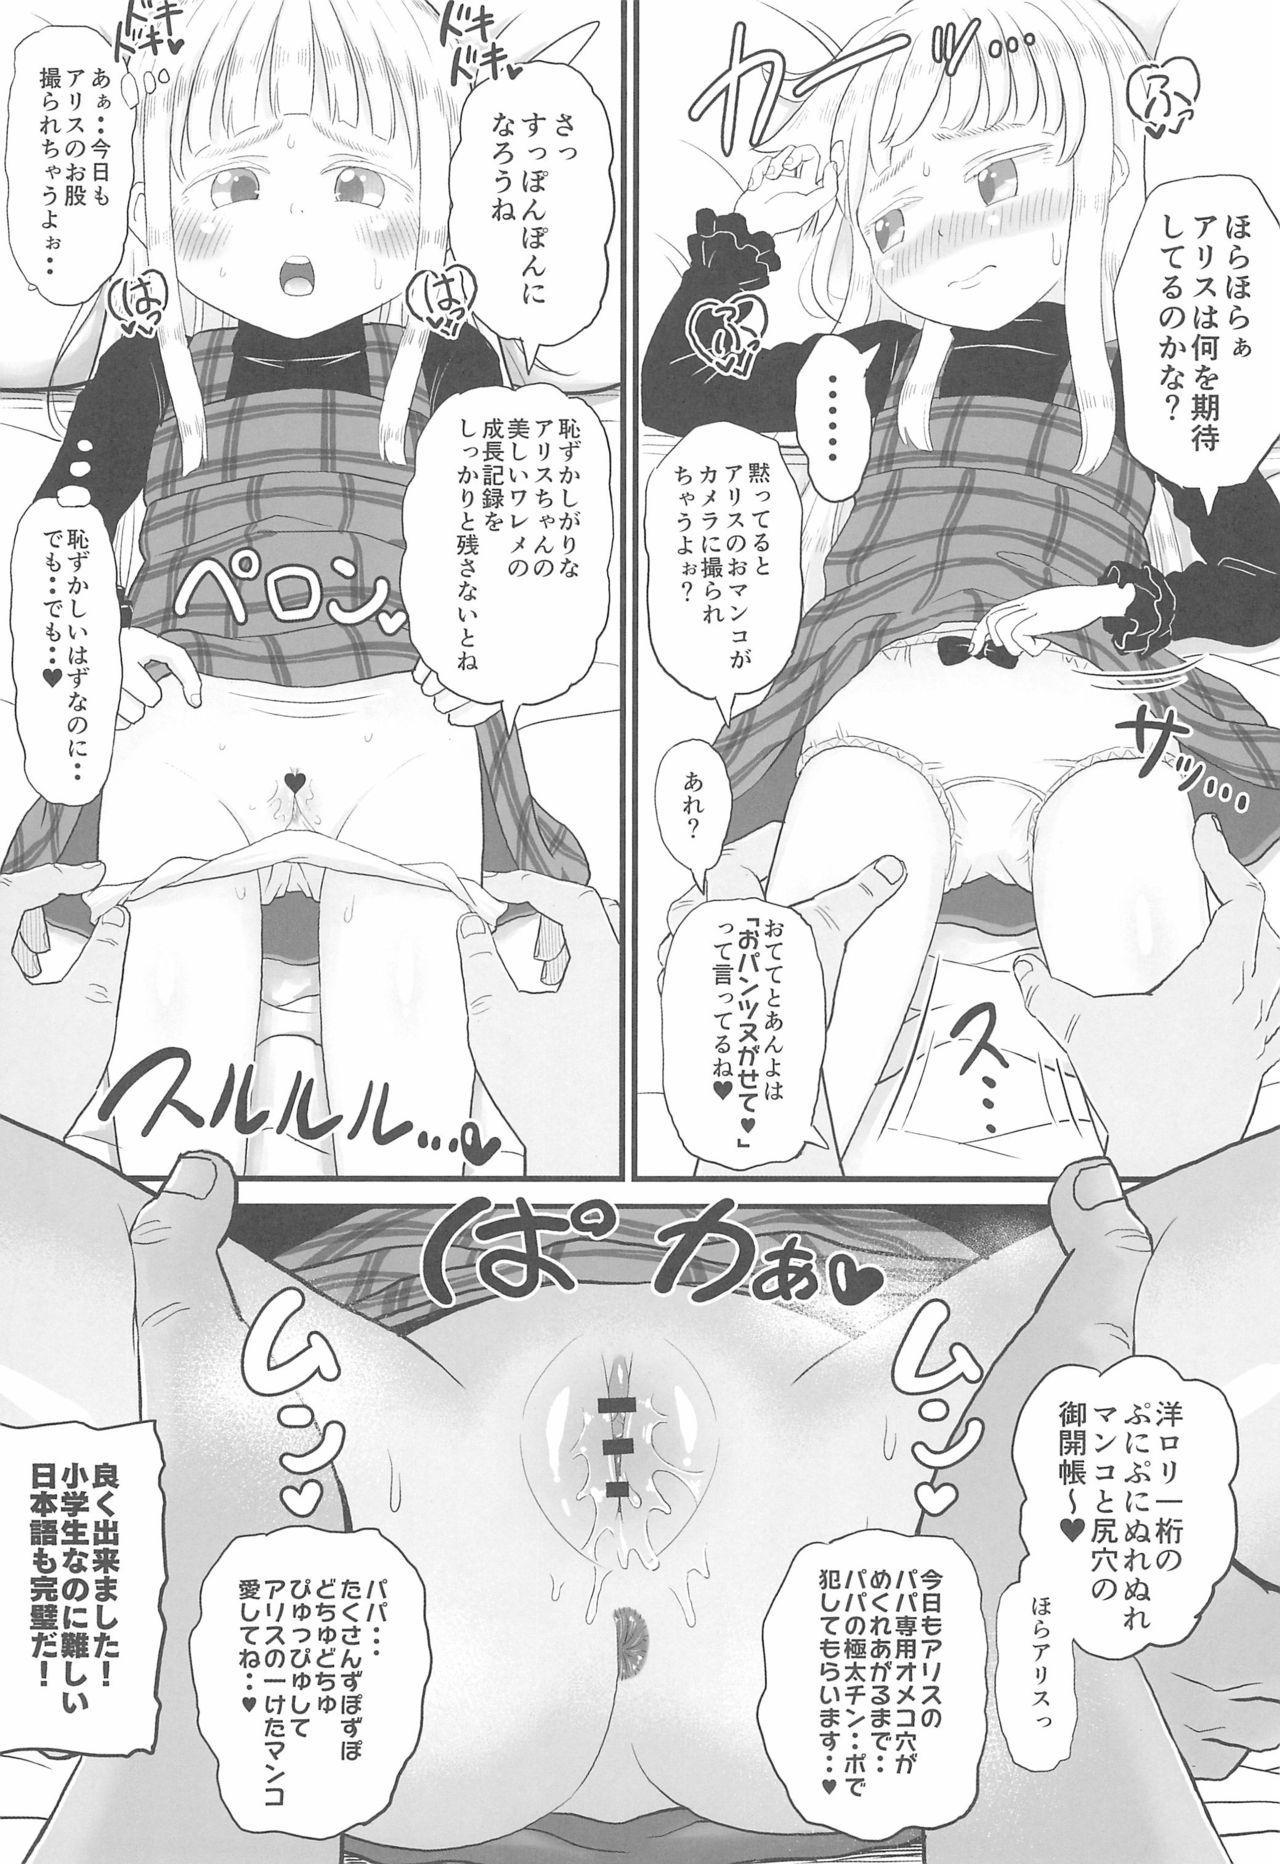 (C97) [botibotiikoka (takku)] Manamusume no Arisu-chan (8yo) ga Rippa na Chinpo-case ni Sodachimashita 6